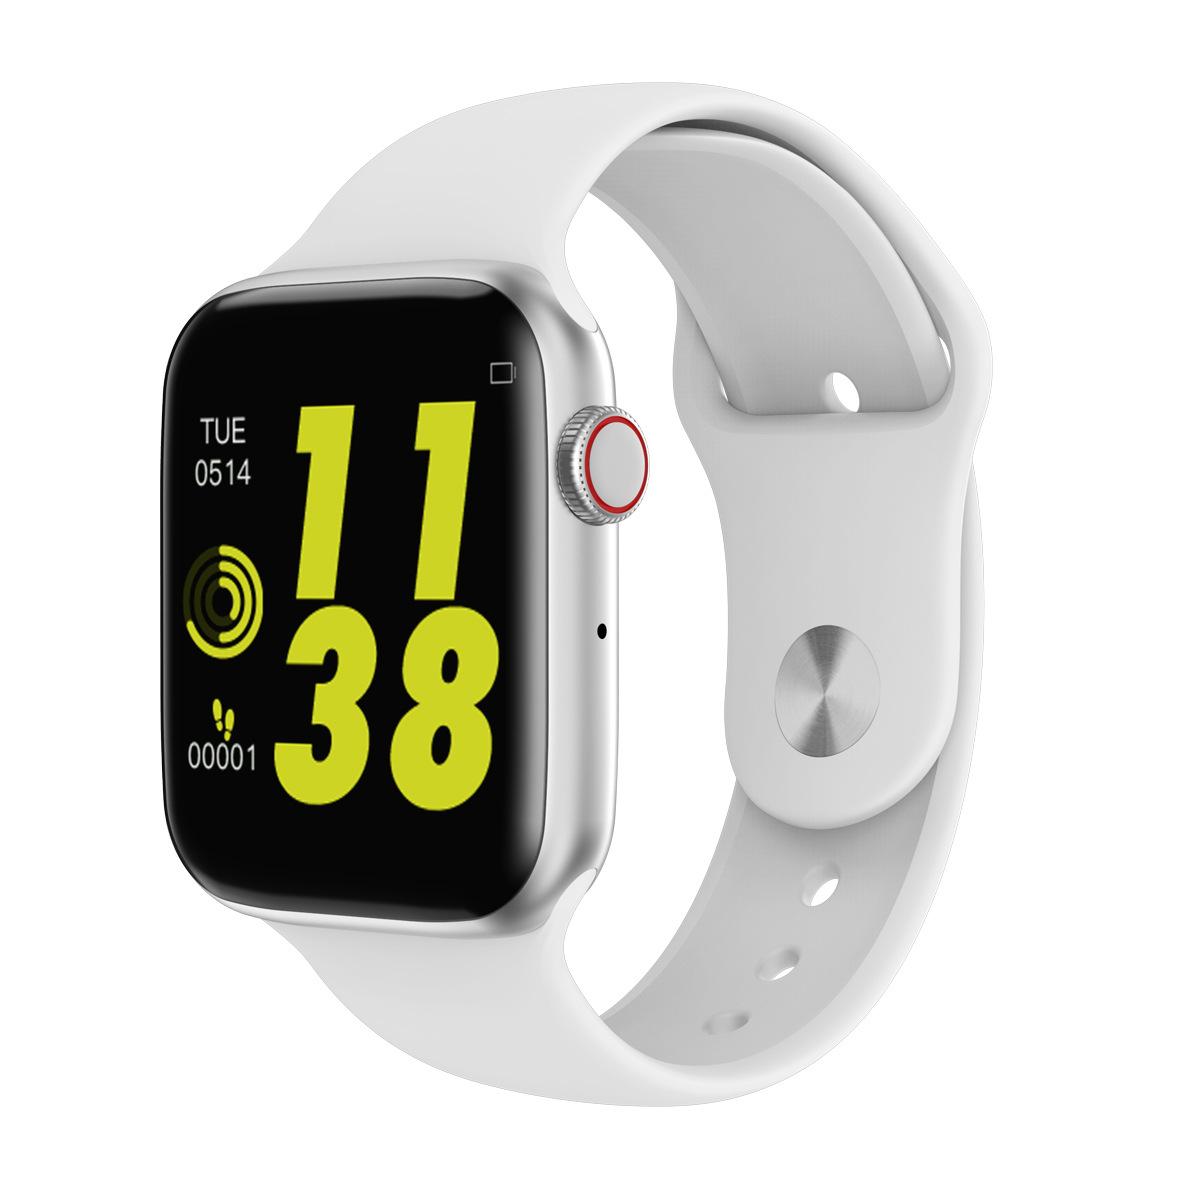 Đồng hồ theo dõi sức khỏe - Cá tính, trẻ trung, năng động